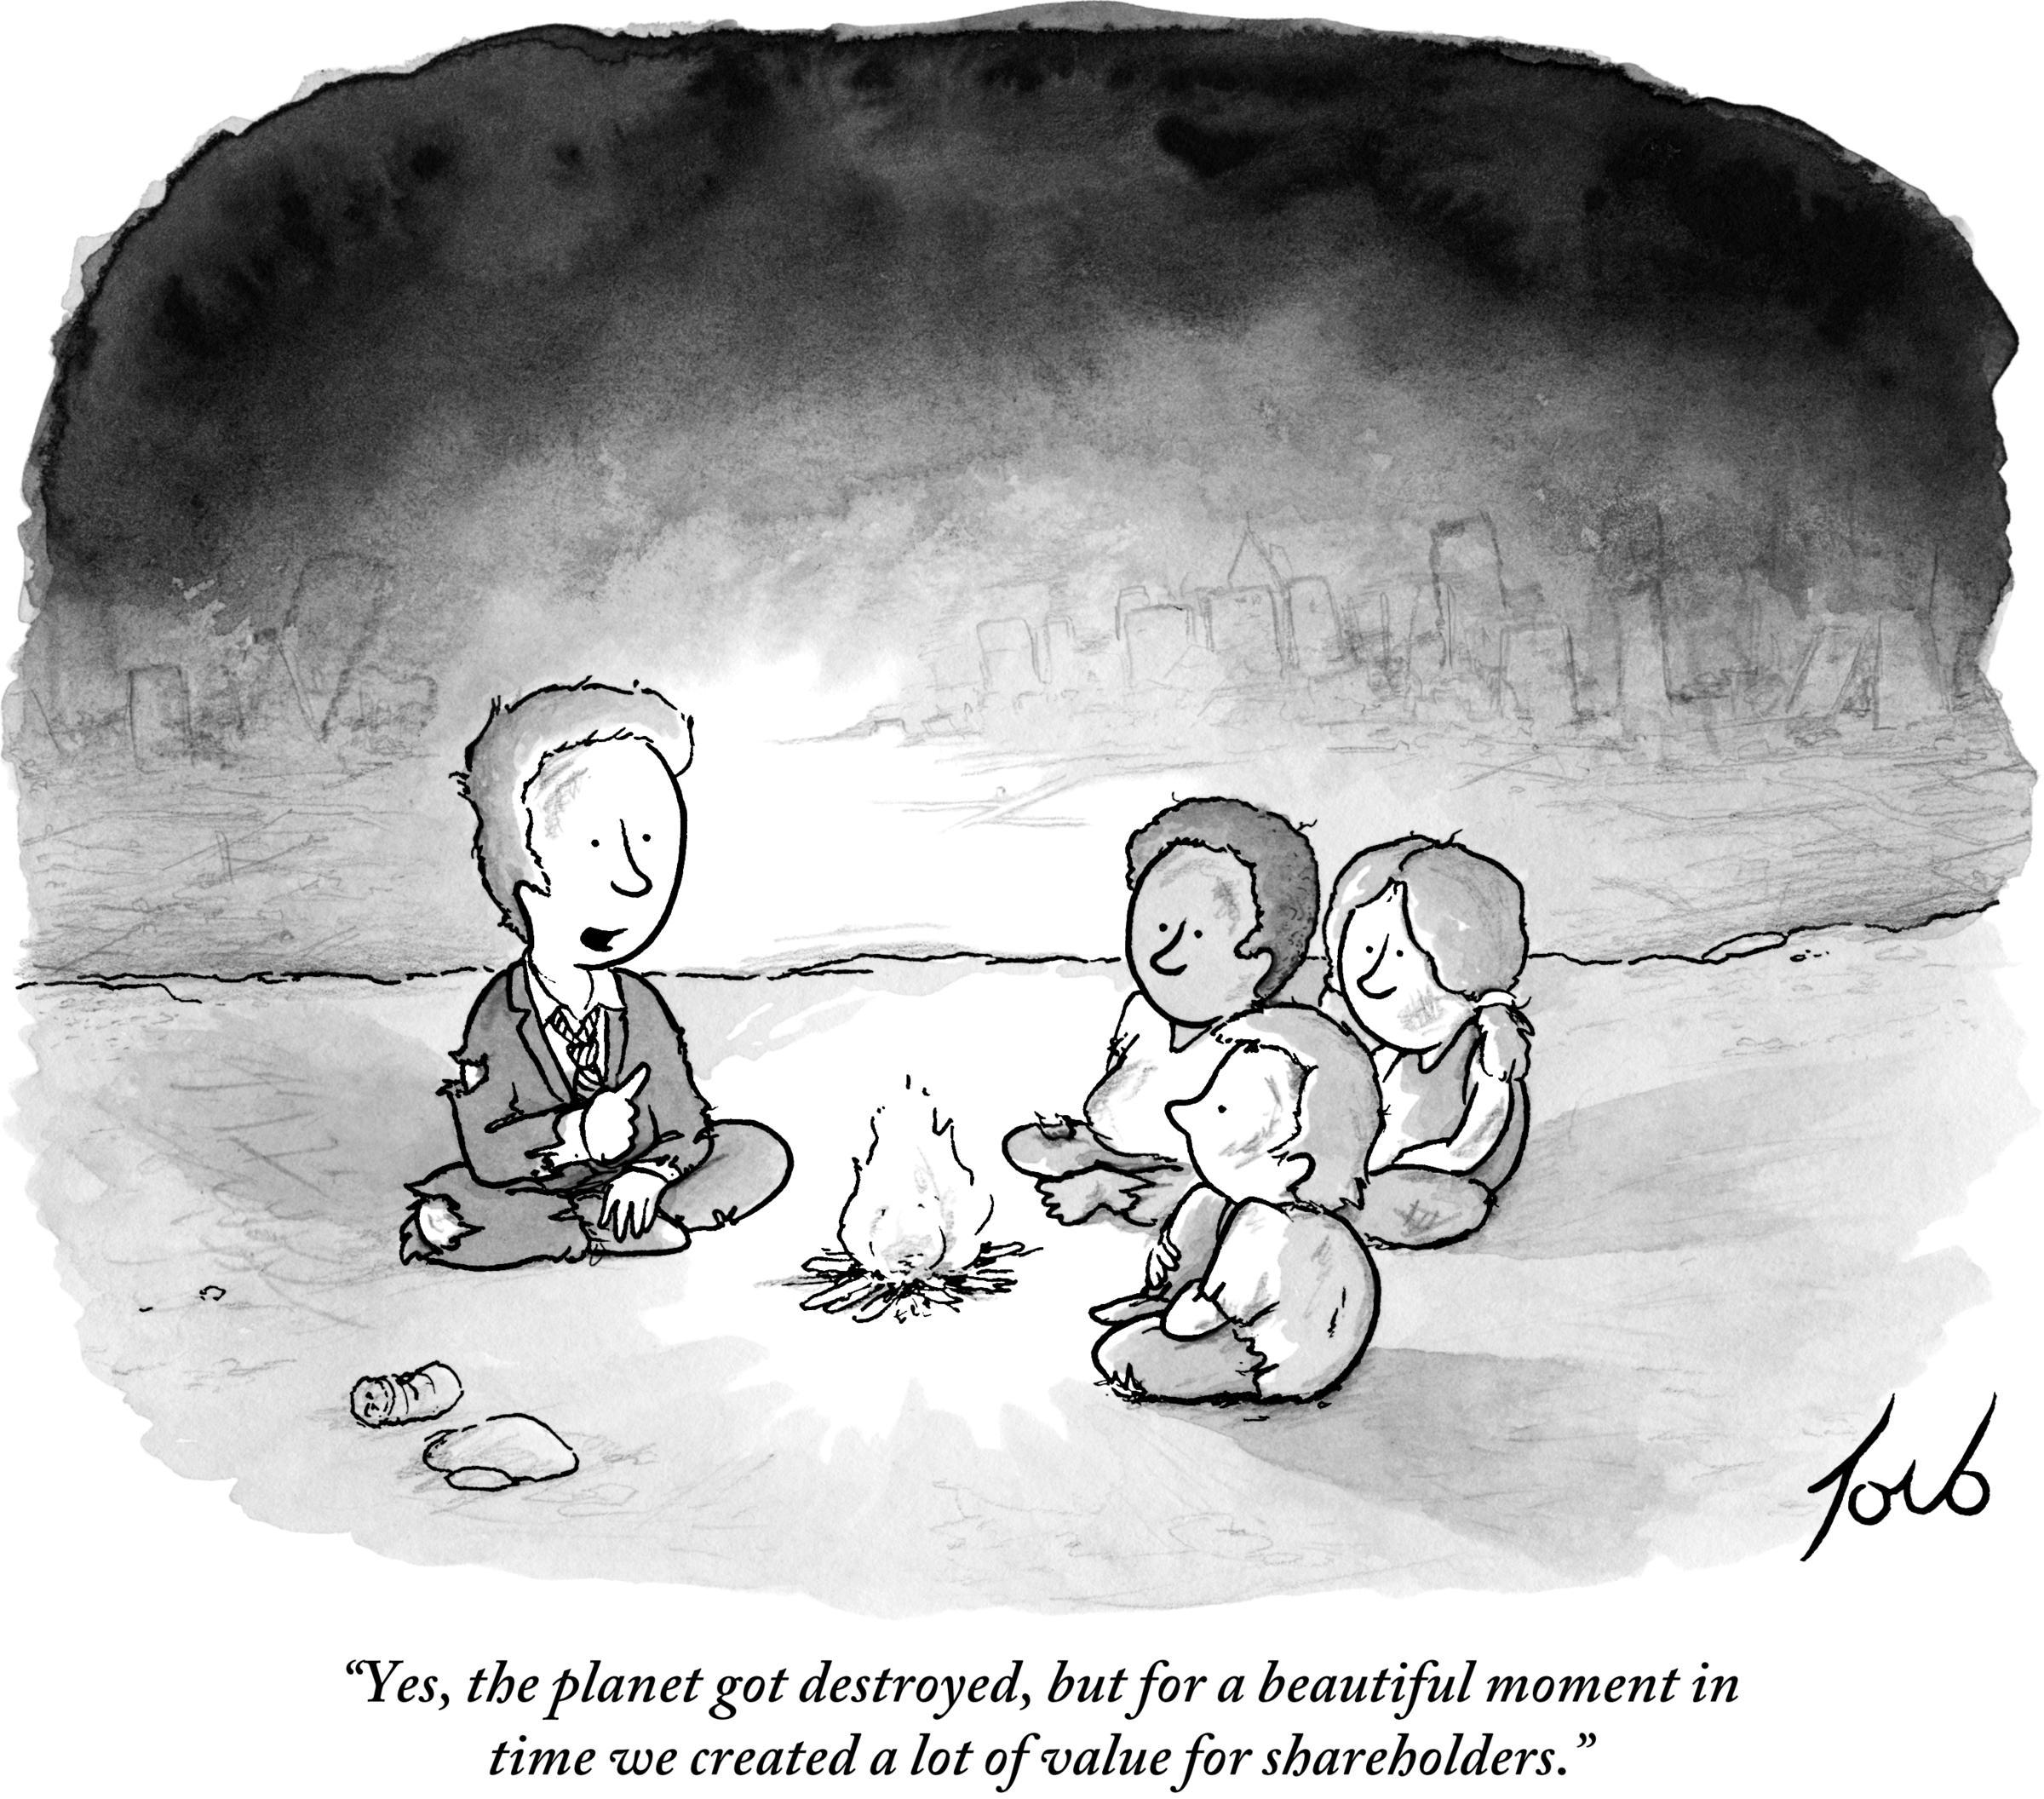 shareholdervalue.jpg